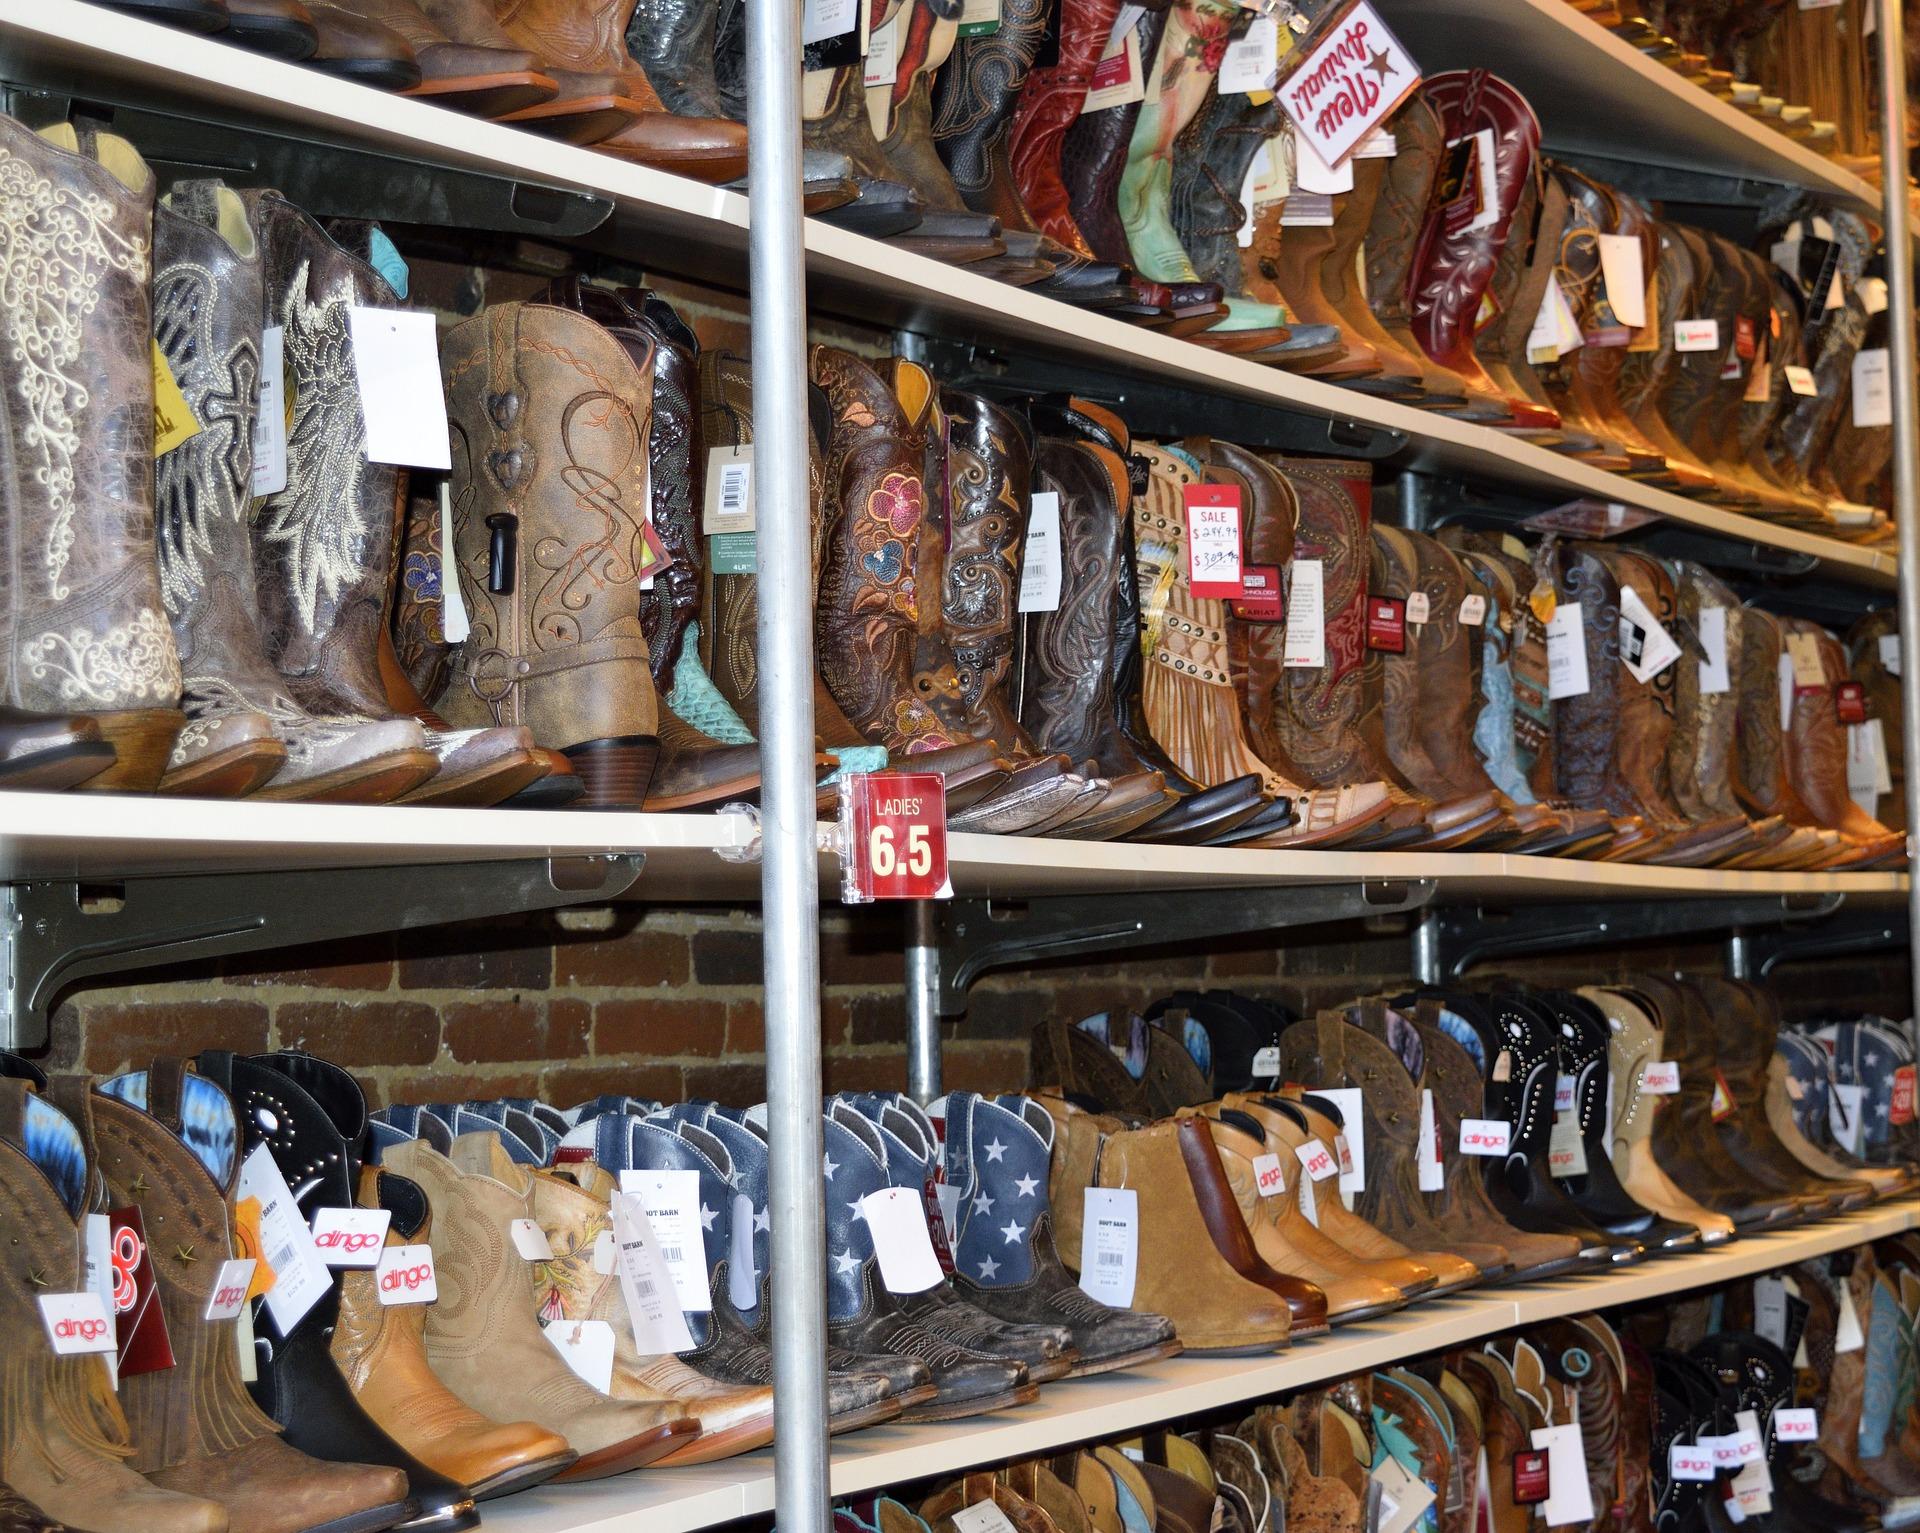 sindhi market-best footwear shops in ahmedabad